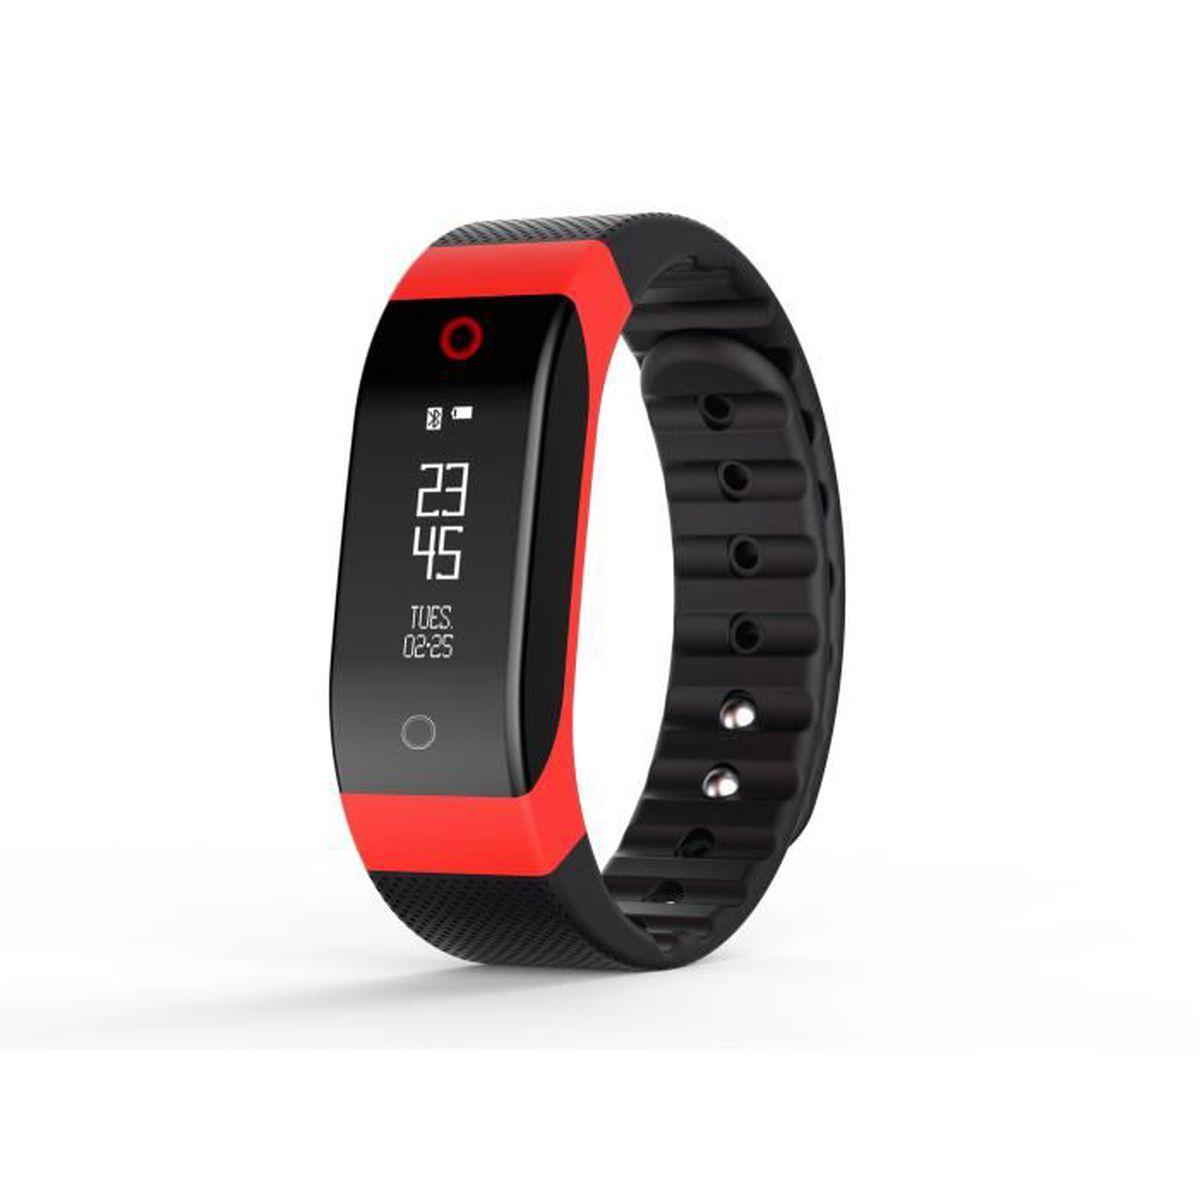 intelligent moniteur de fr quence cardiaque bracelet fitness tracker sport bande bracelet. Black Bedroom Furniture Sets. Home Design Ideas